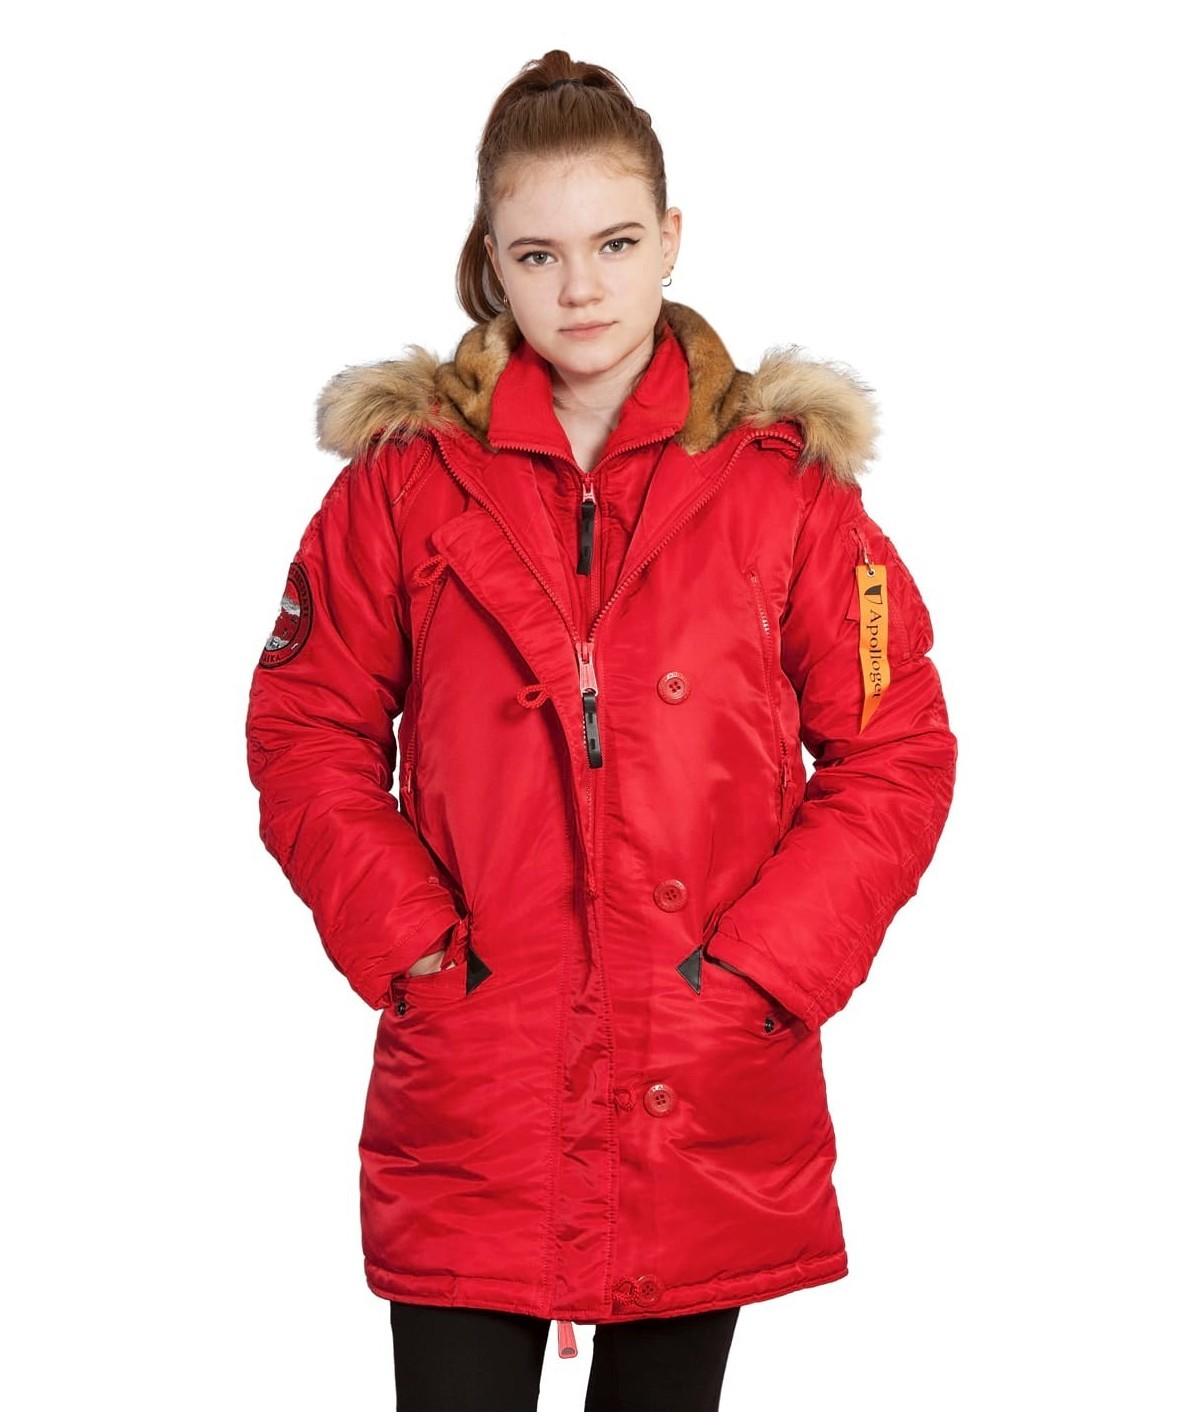 Куртка Аляска Женская - Apolloget Alaska Wmn 2020 (красная - flag red)